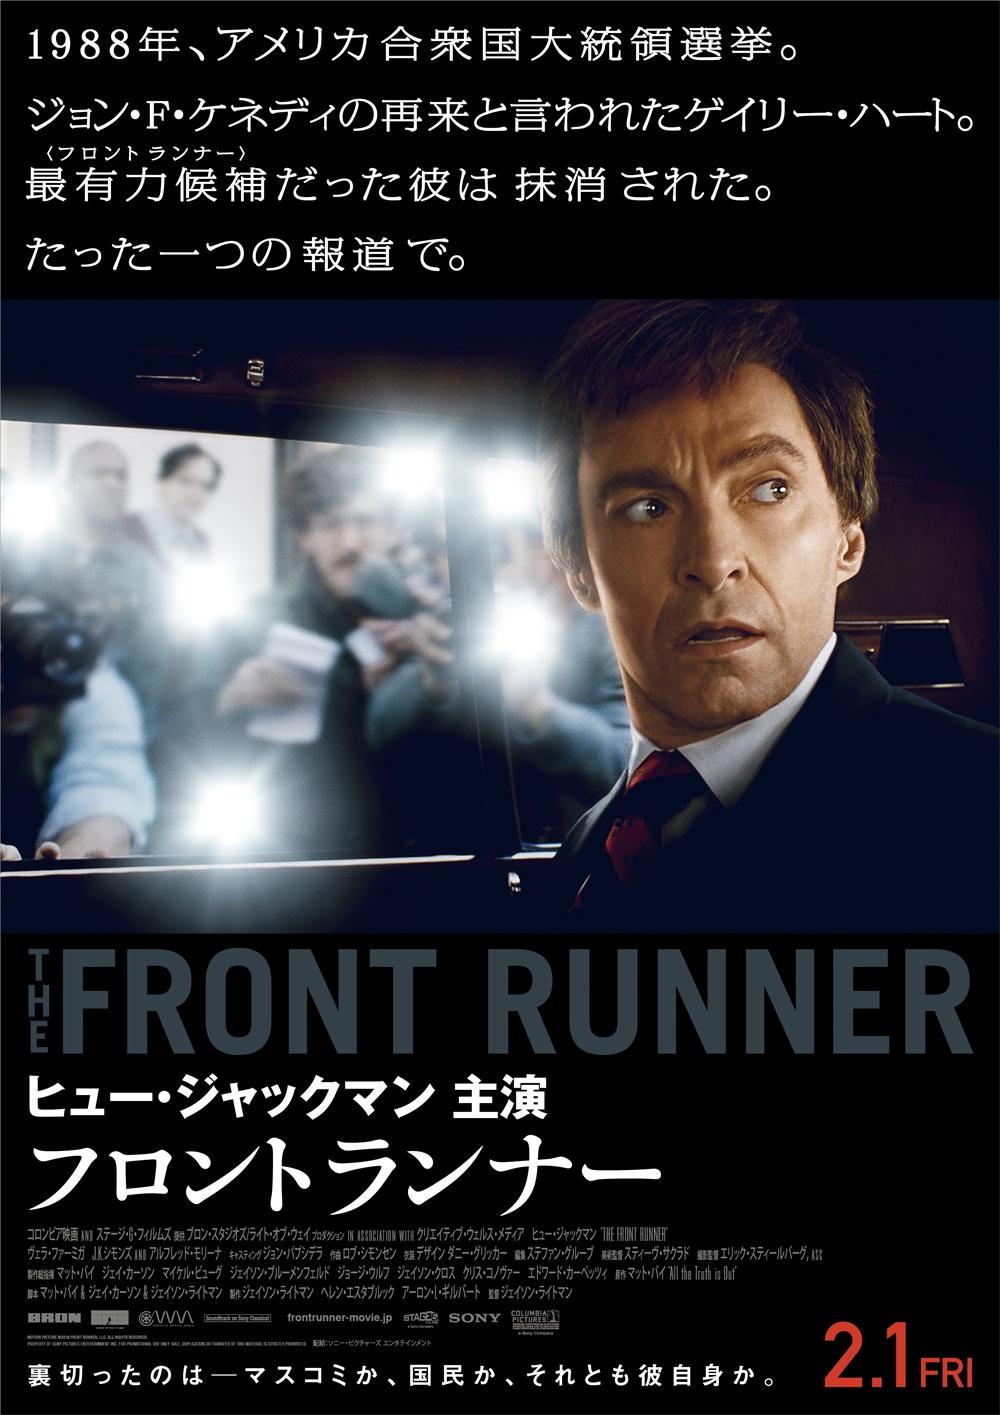 【画像】映画『フロントランナー』ポスタービジュアル